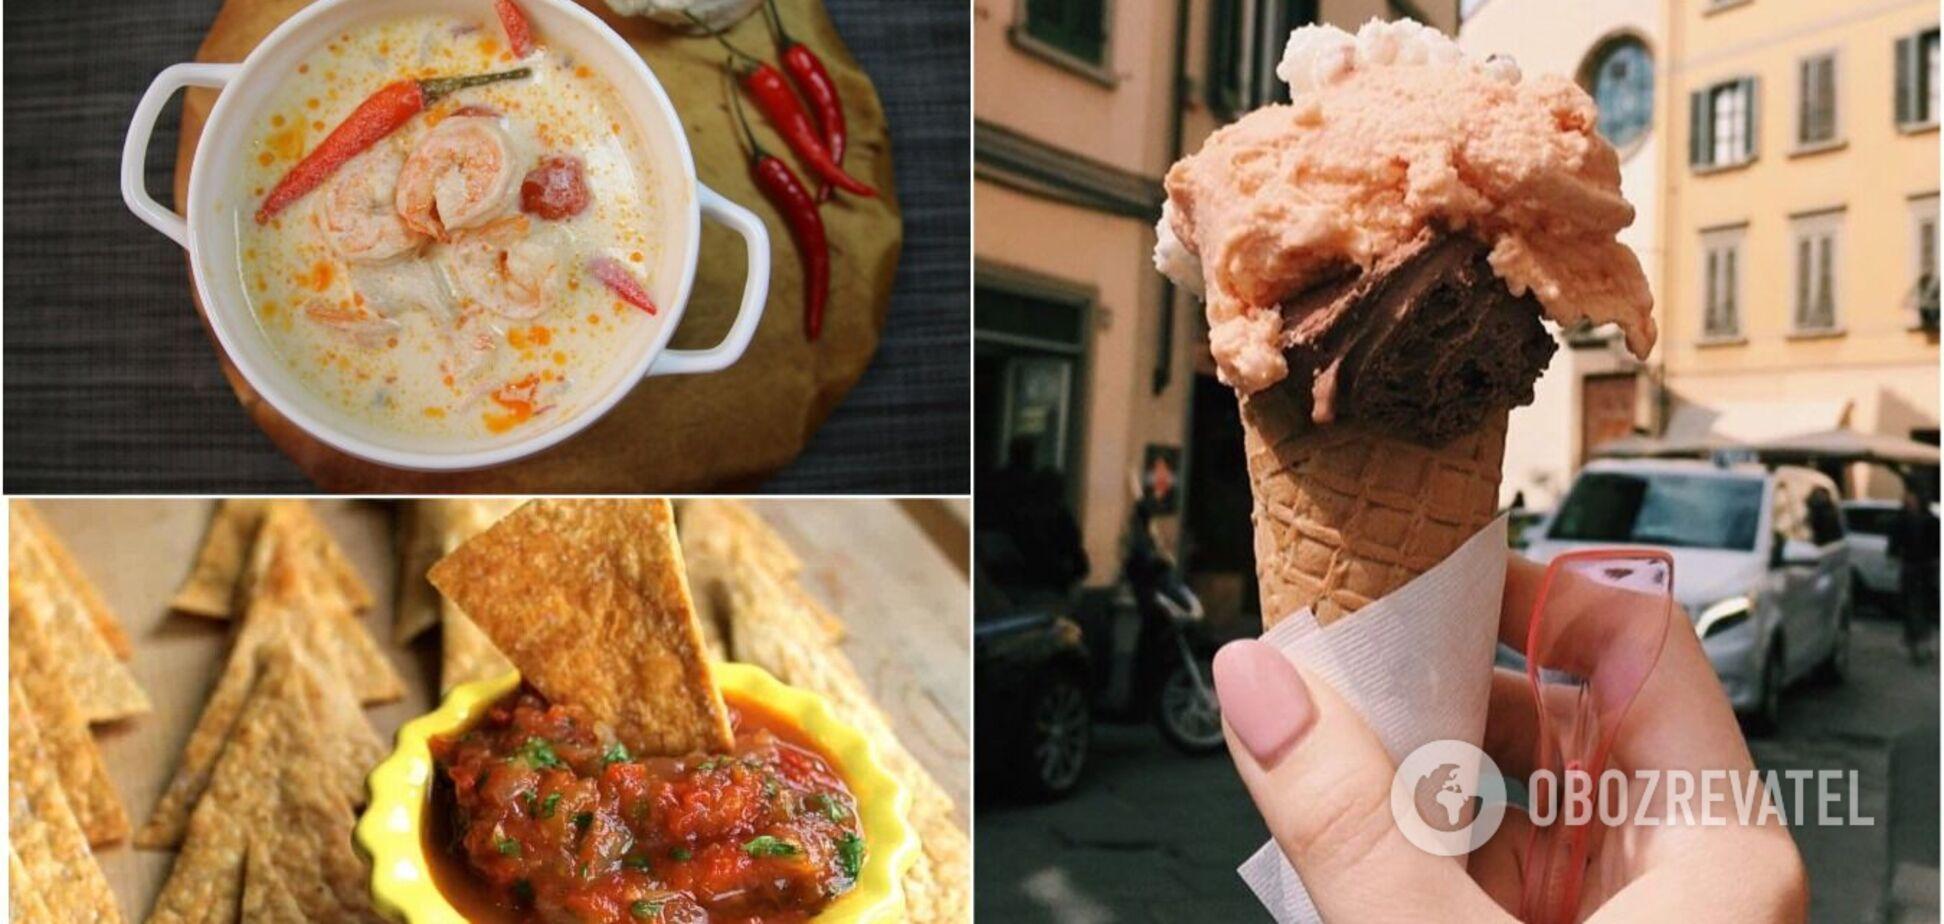 Топ-7 страв, які розчаровують туристів. Фото